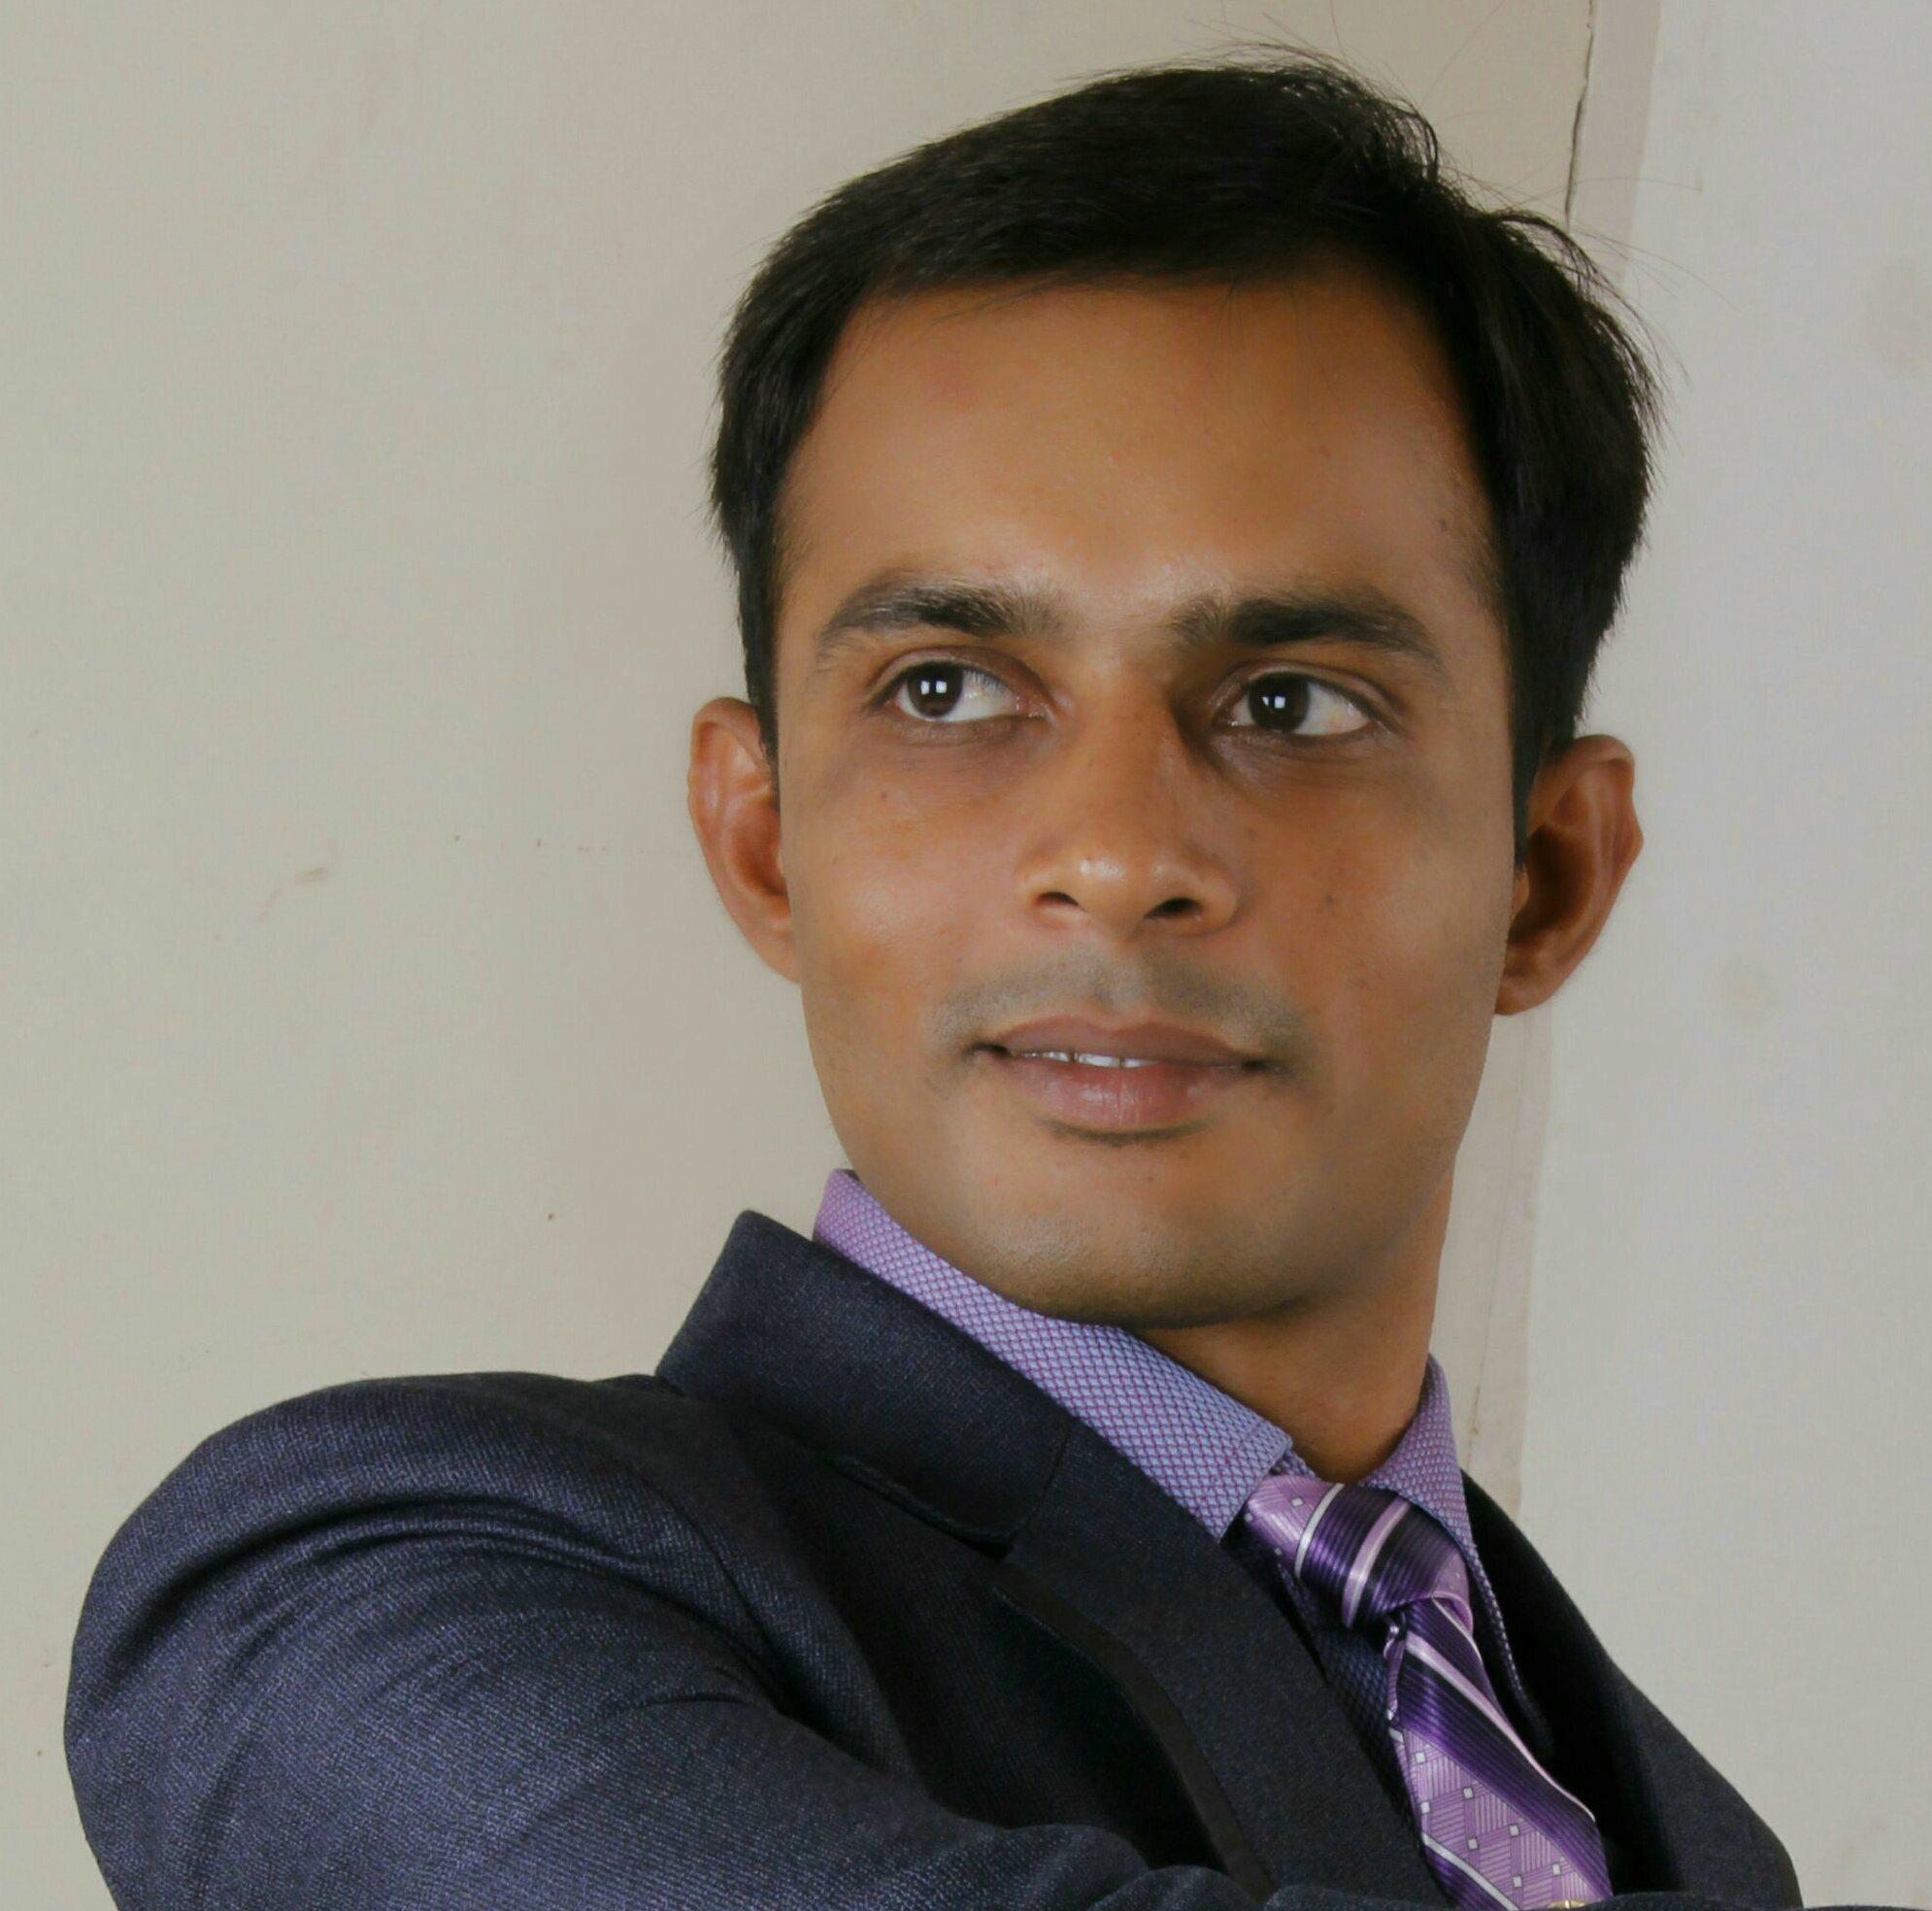 Karshan